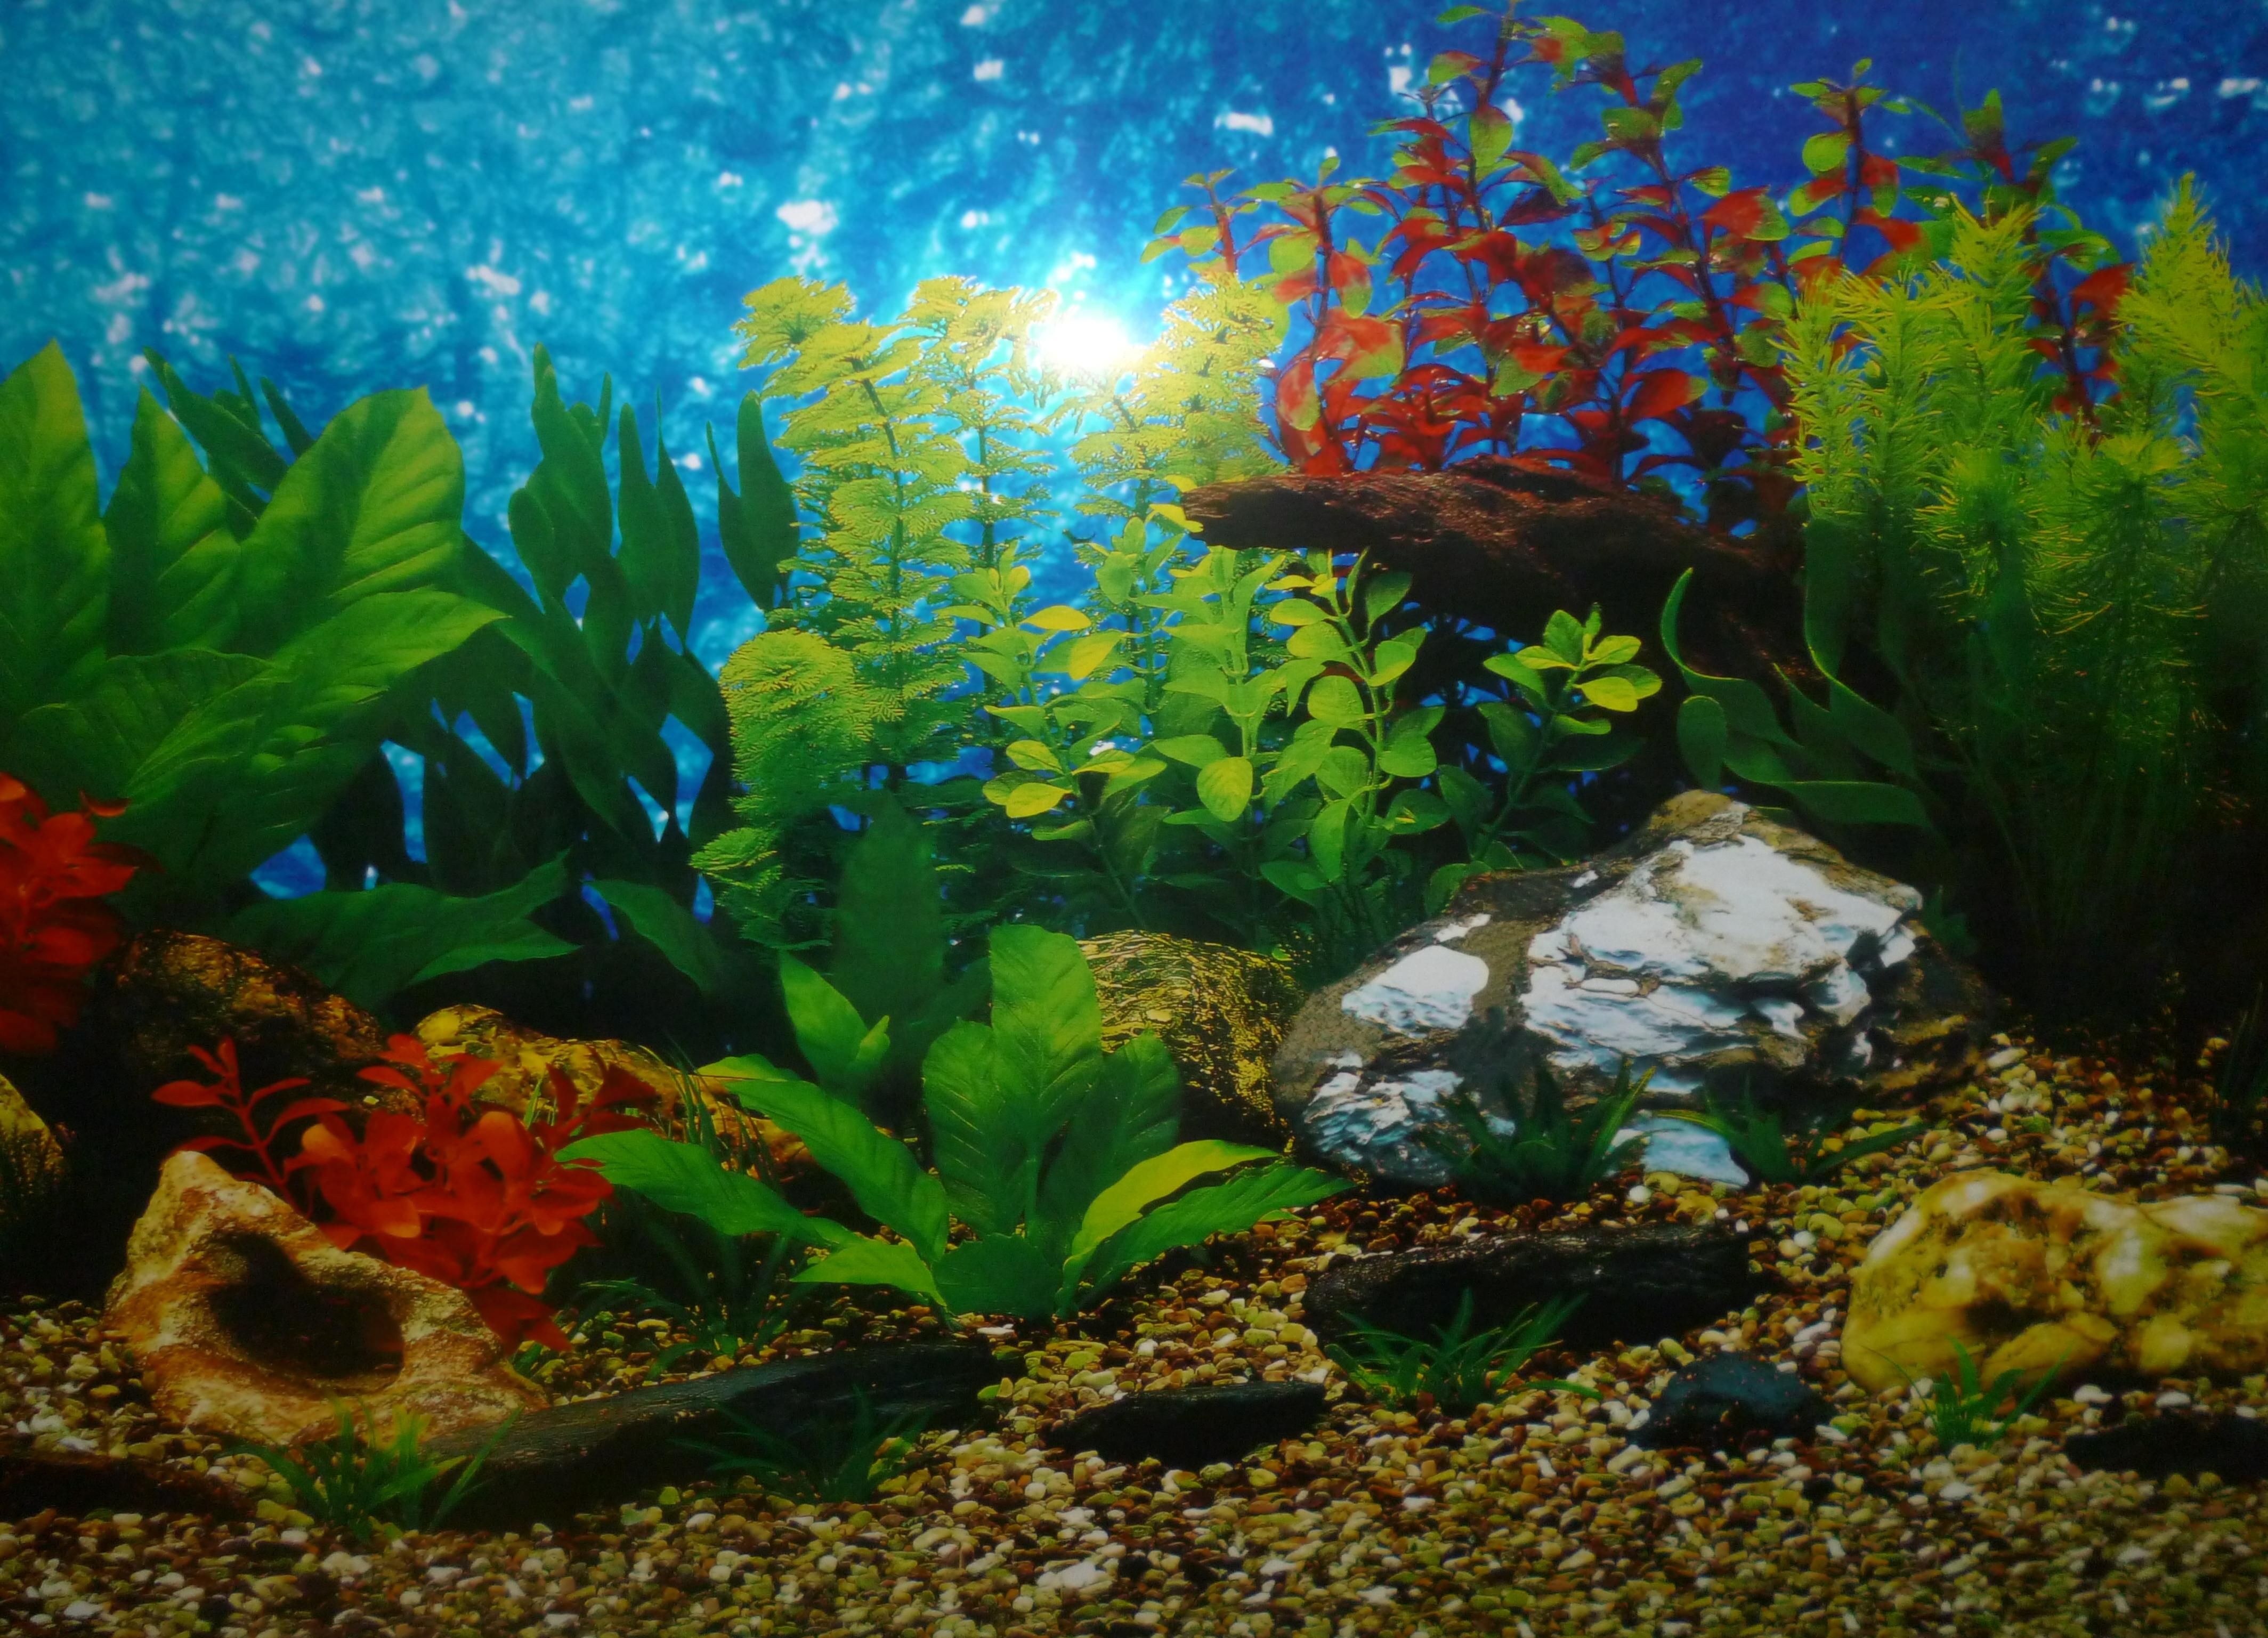 всё картинки на аквариум песок ищете прозрачные изображения